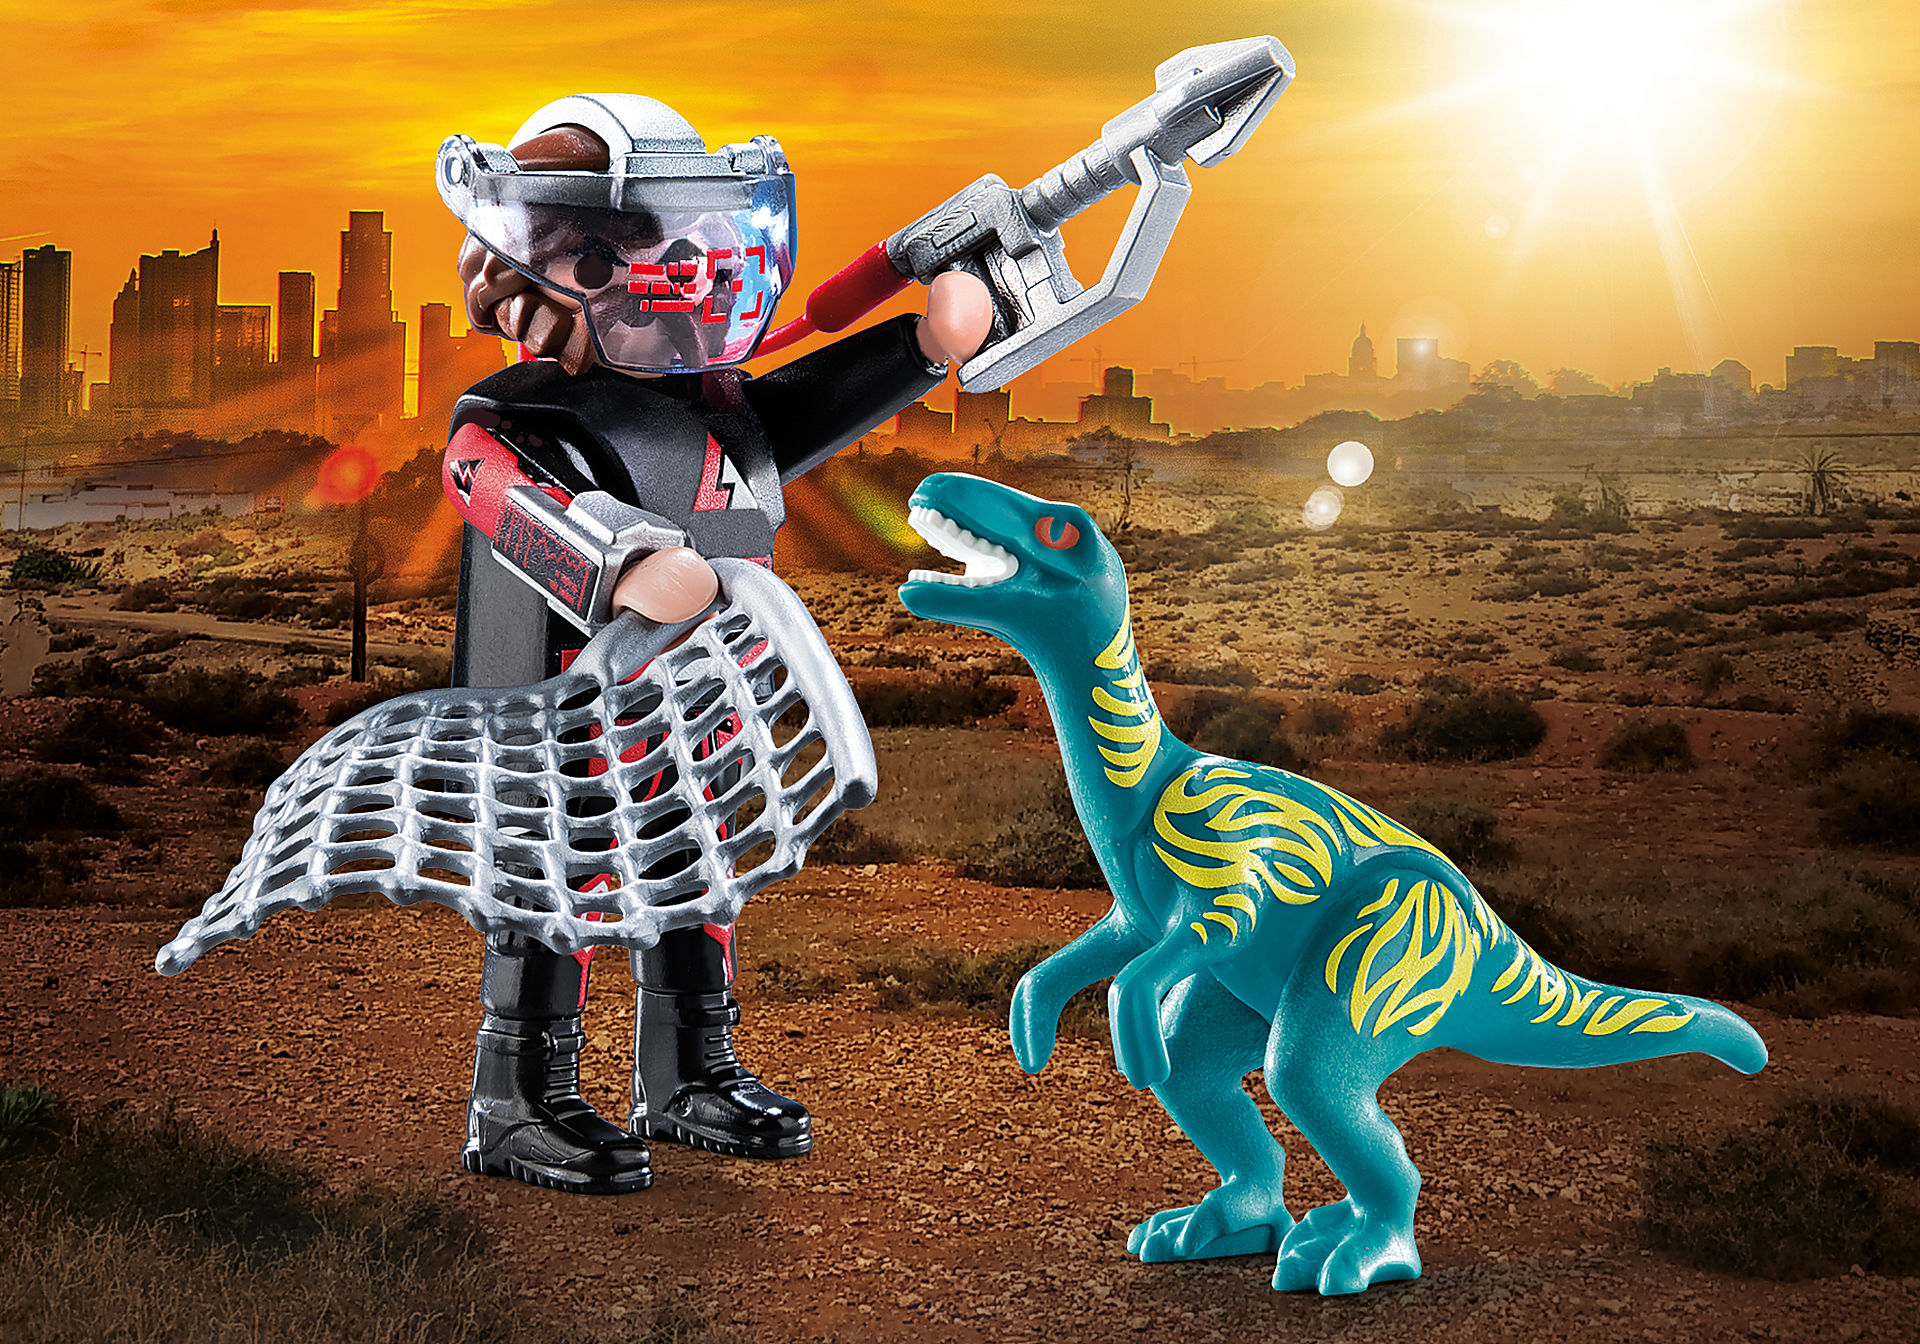 70693 Duo Pack Polowanie na Welociraptora zoom image1